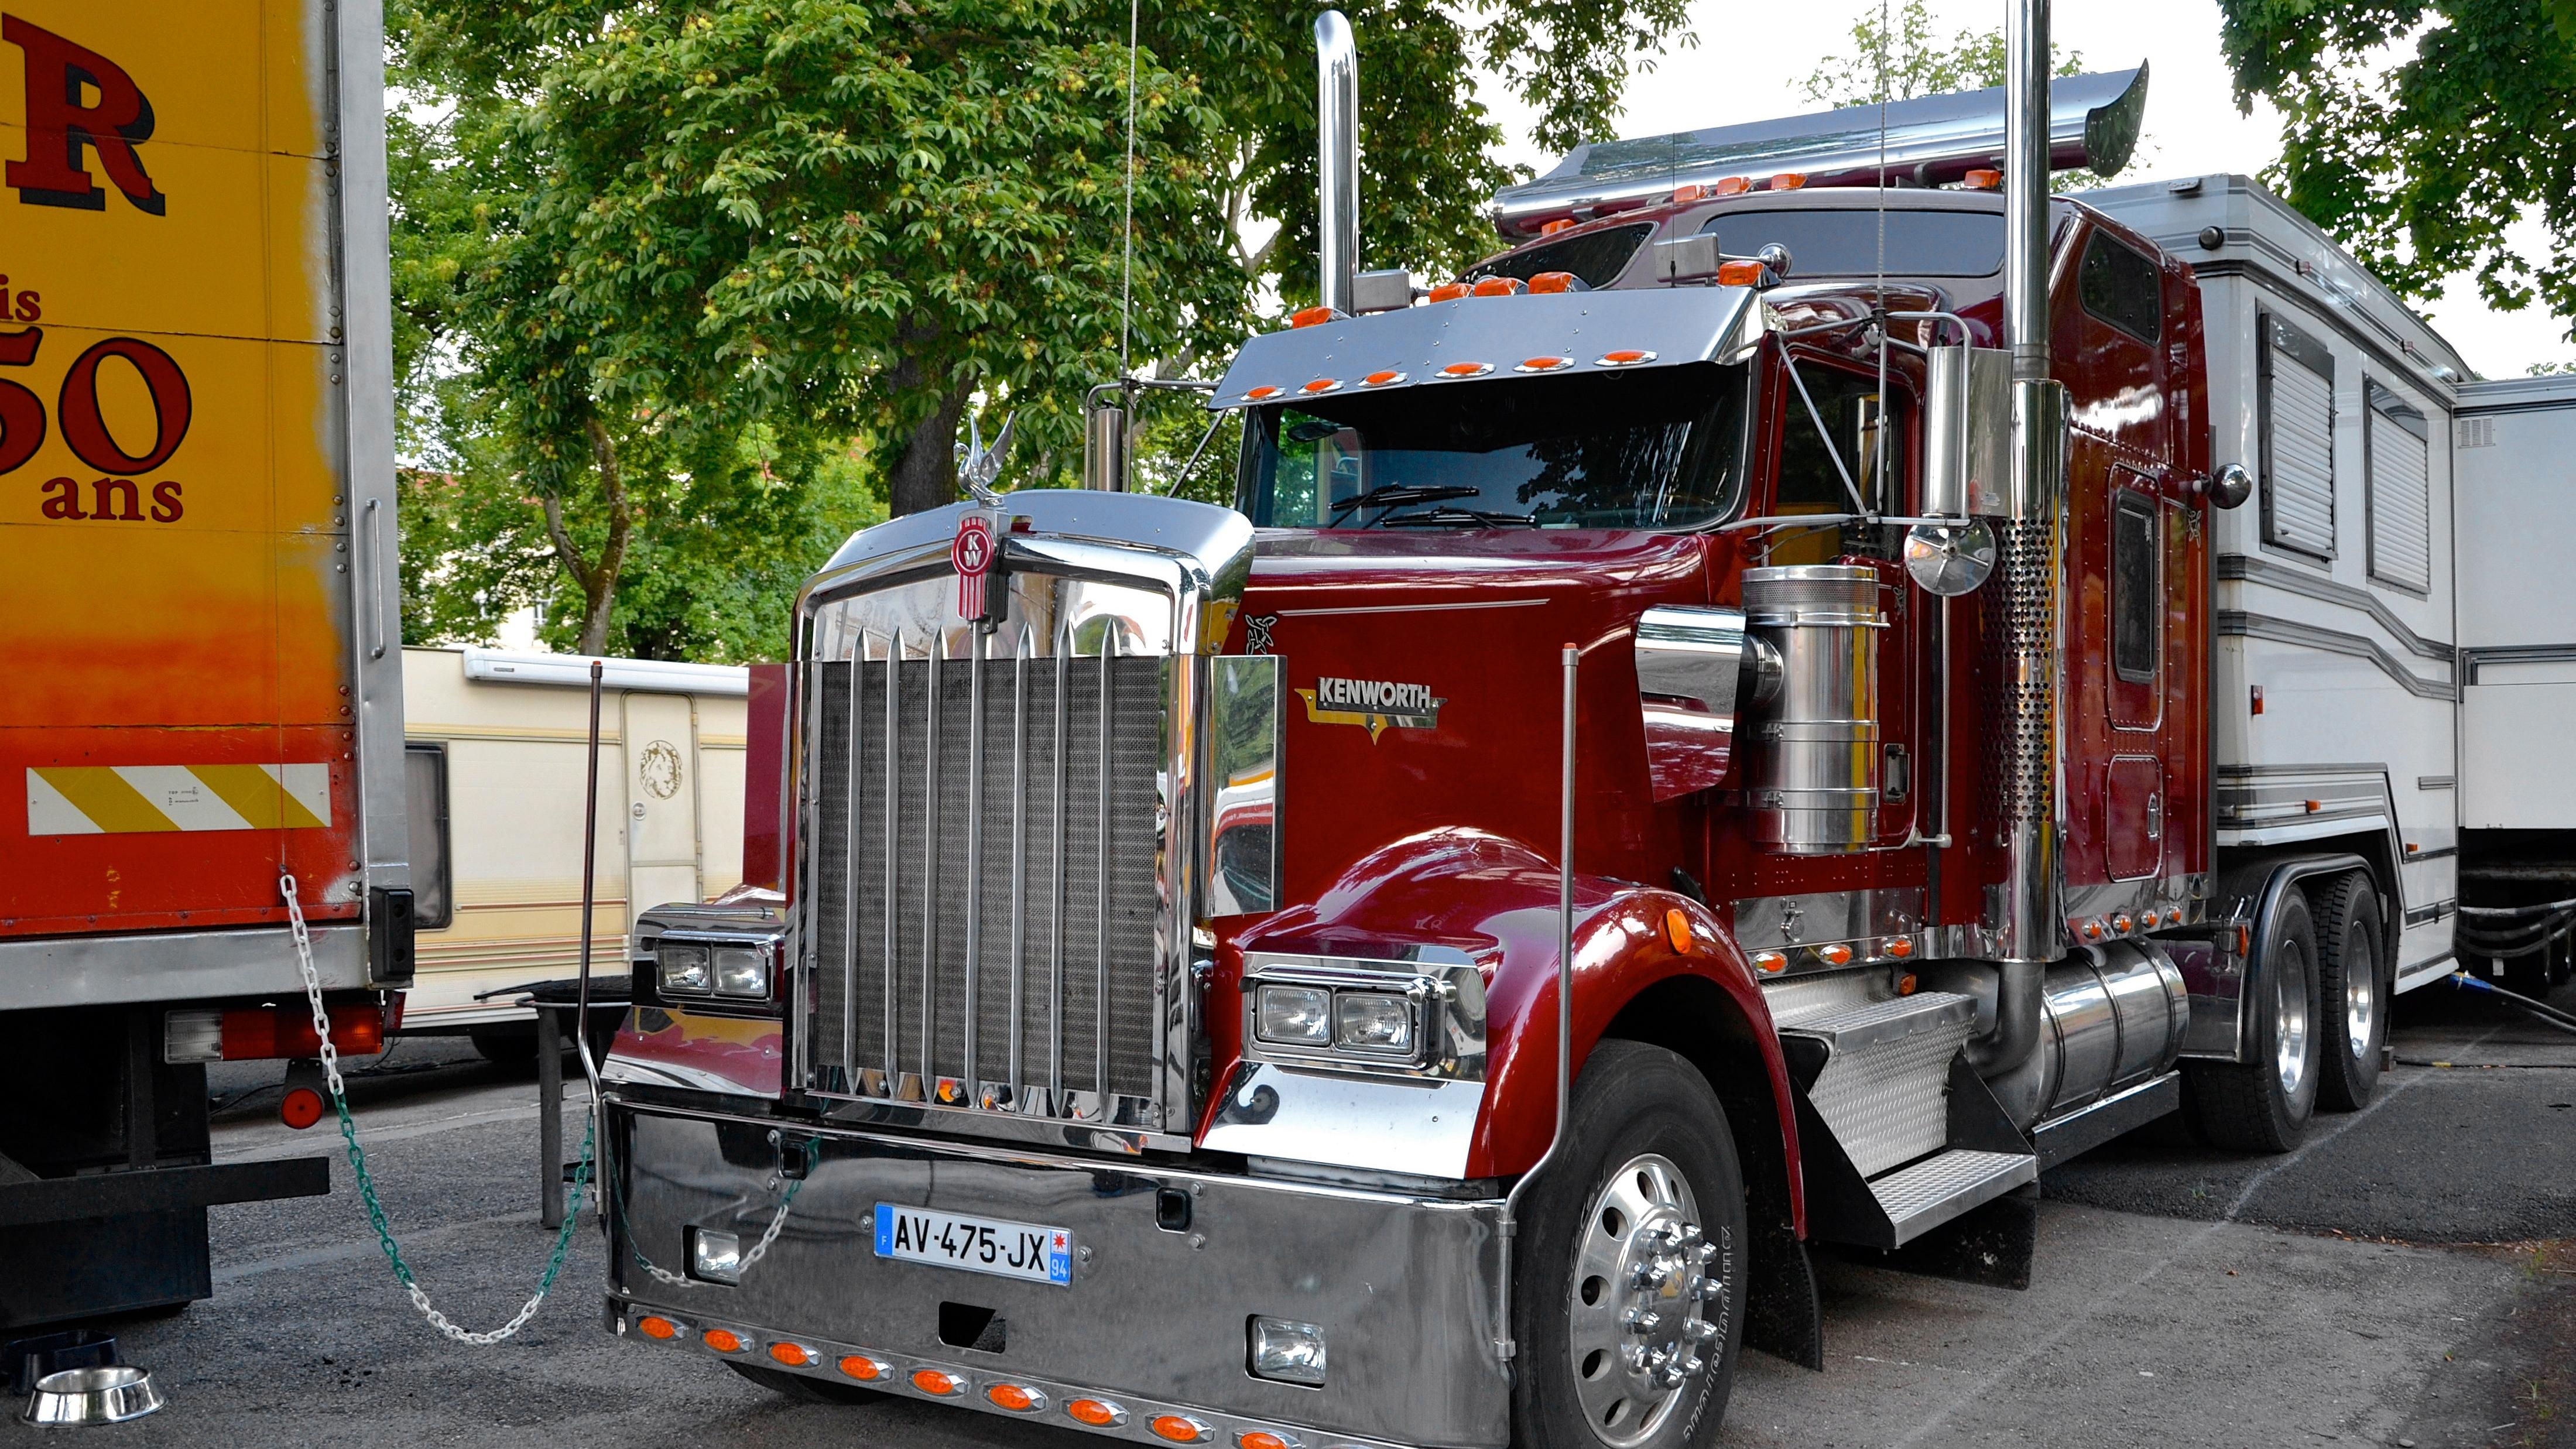 Autos Camiones Fondos De Pantalla Gratis: Kenworth 4k Ultra Fondo De Pantalla HD